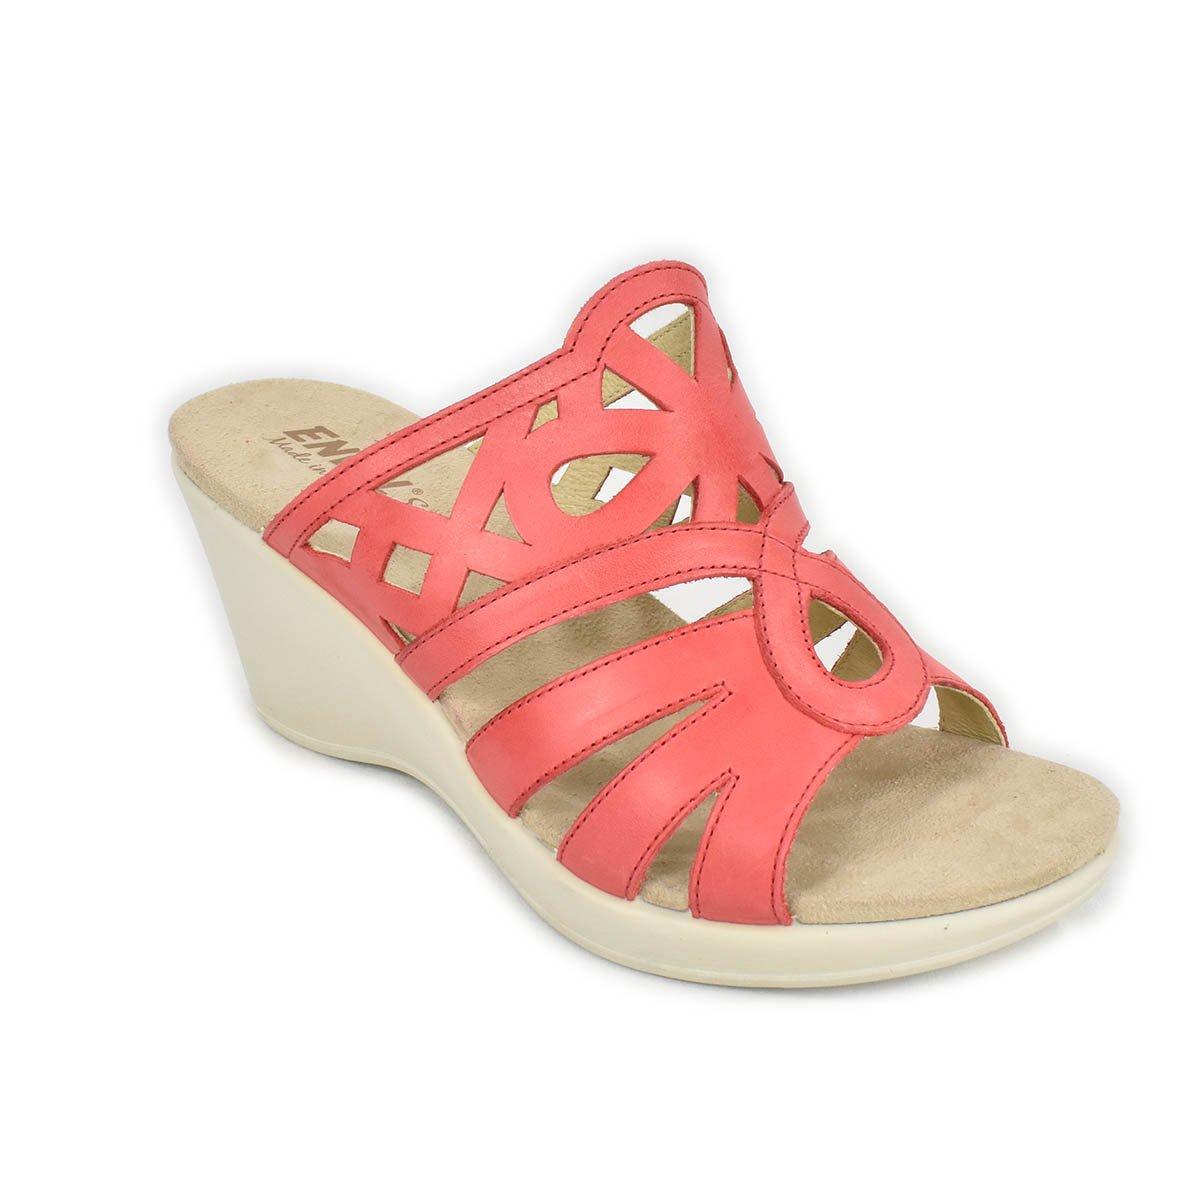 Ciabatte con zeppa in pelle rosso corallo - Enval Soft 79905